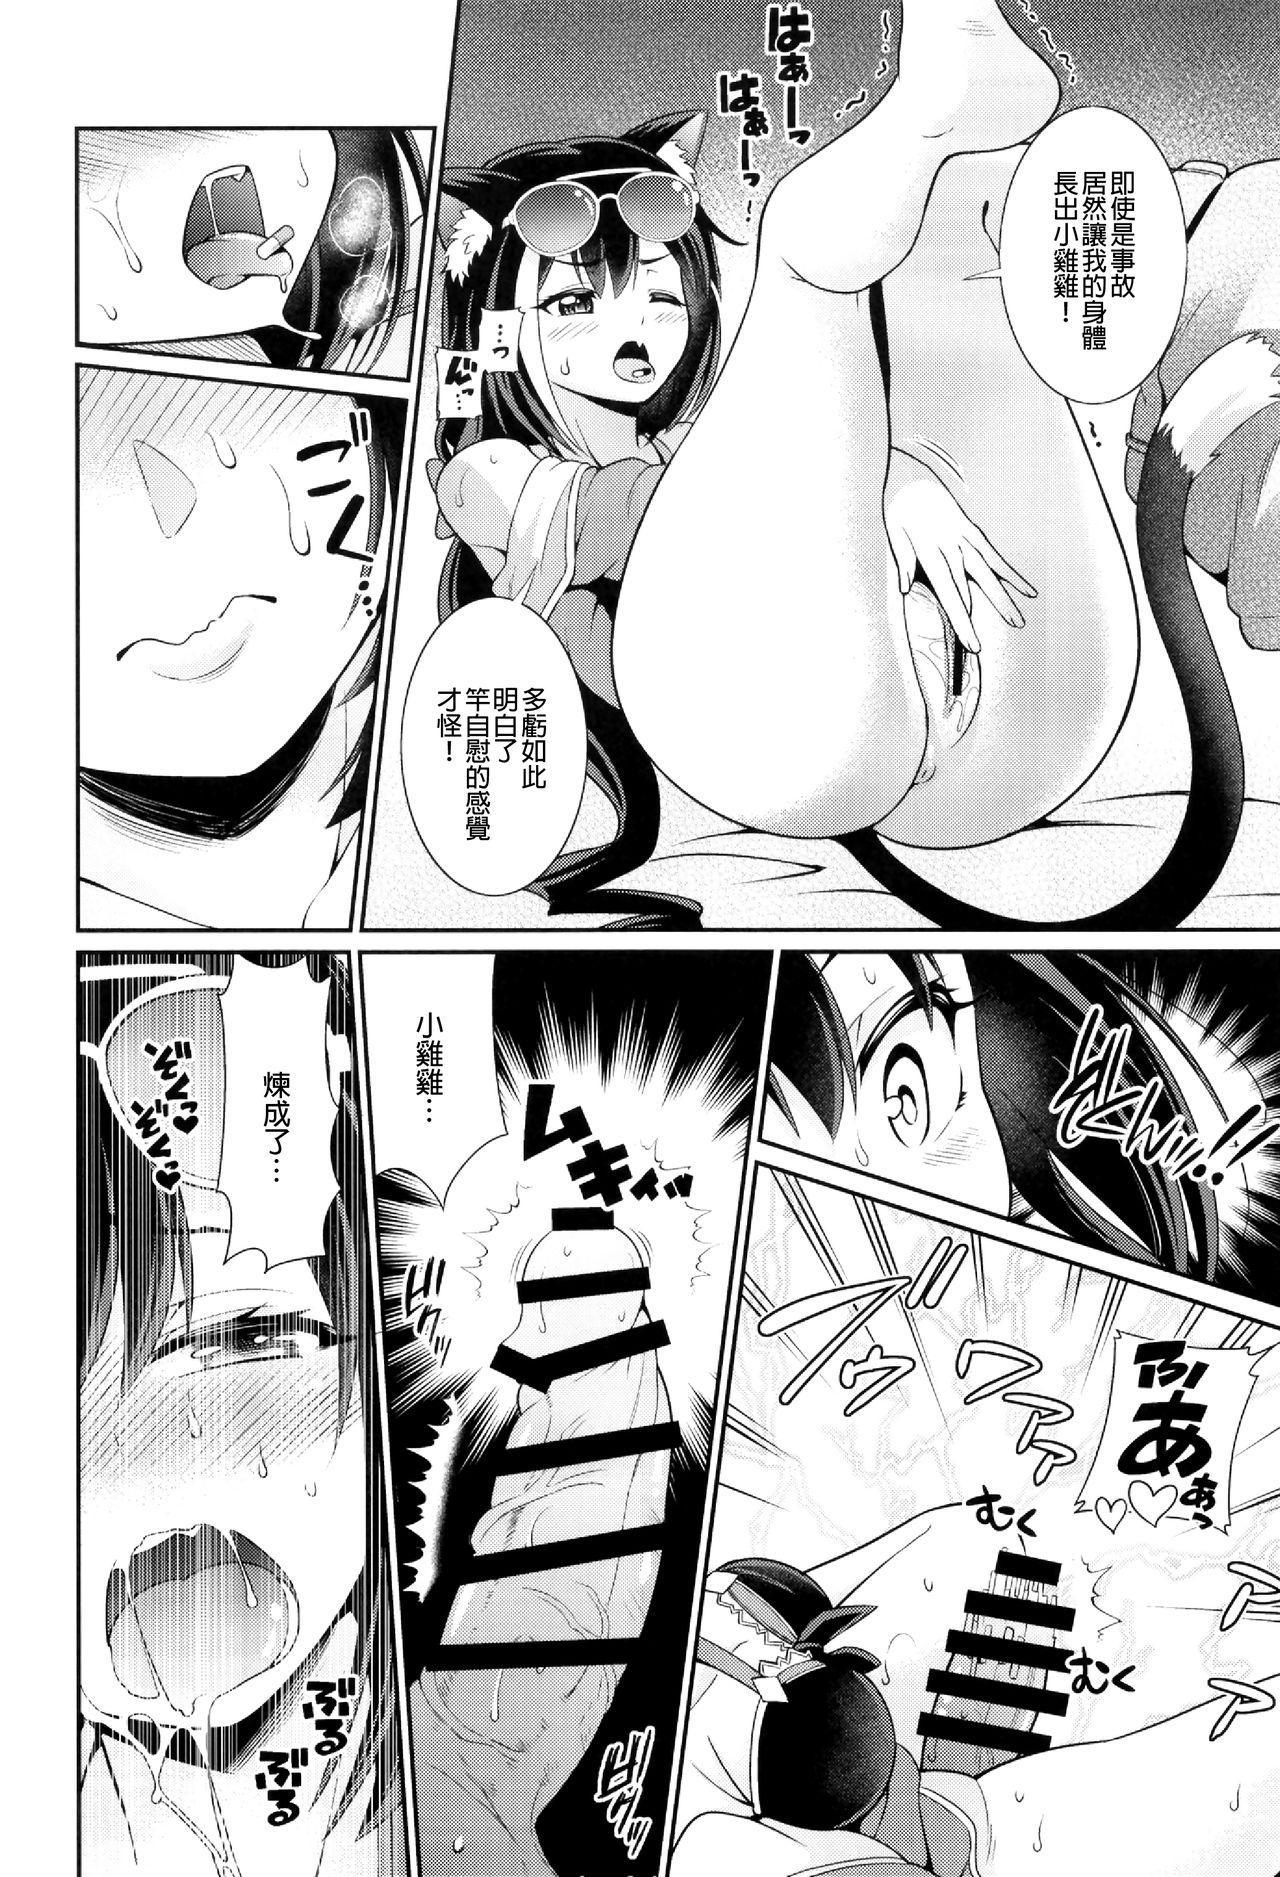 Umi ni nante Kuru kara…Ochinchin ga Haechau no yo!! 3